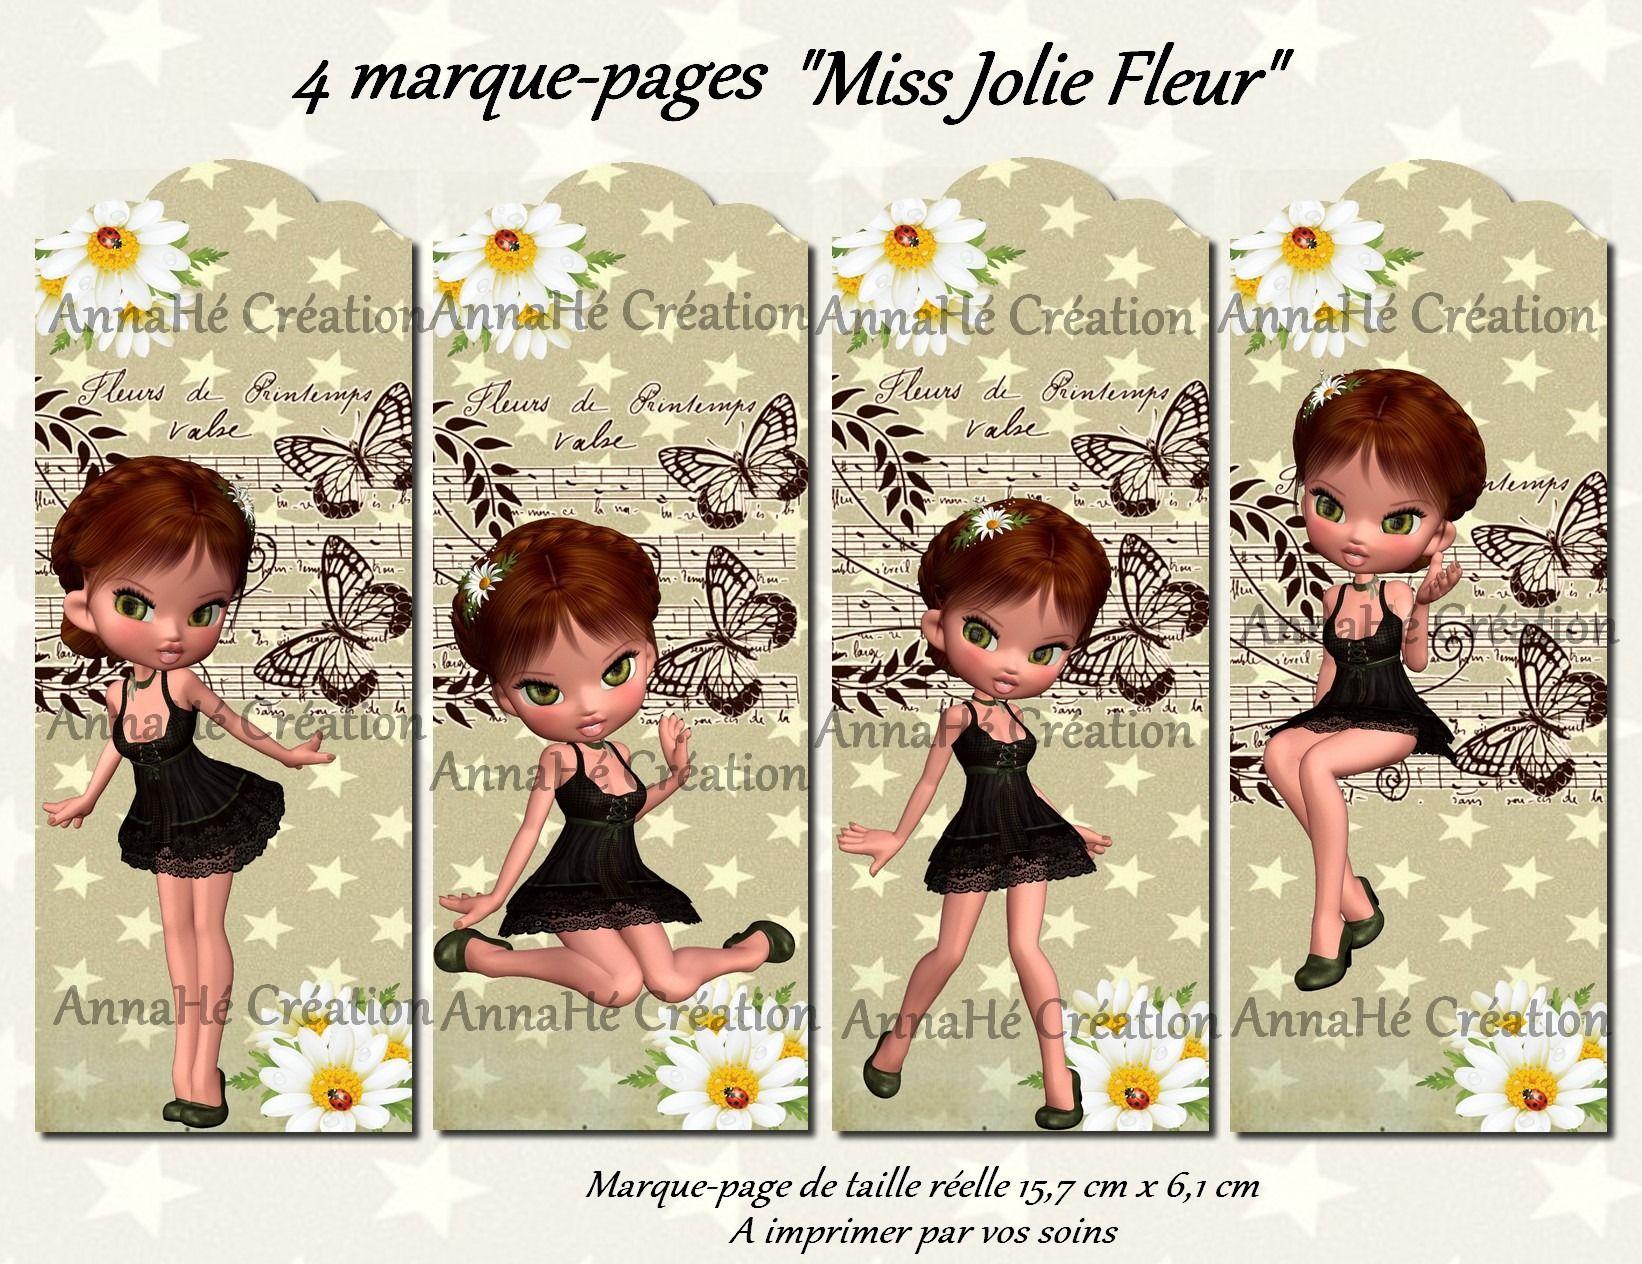 4 marque pages imprimer miss jolie fleur marque pages par annahe creation grilles de. Black Bedroom Furniture Sets. Home Design Ideas